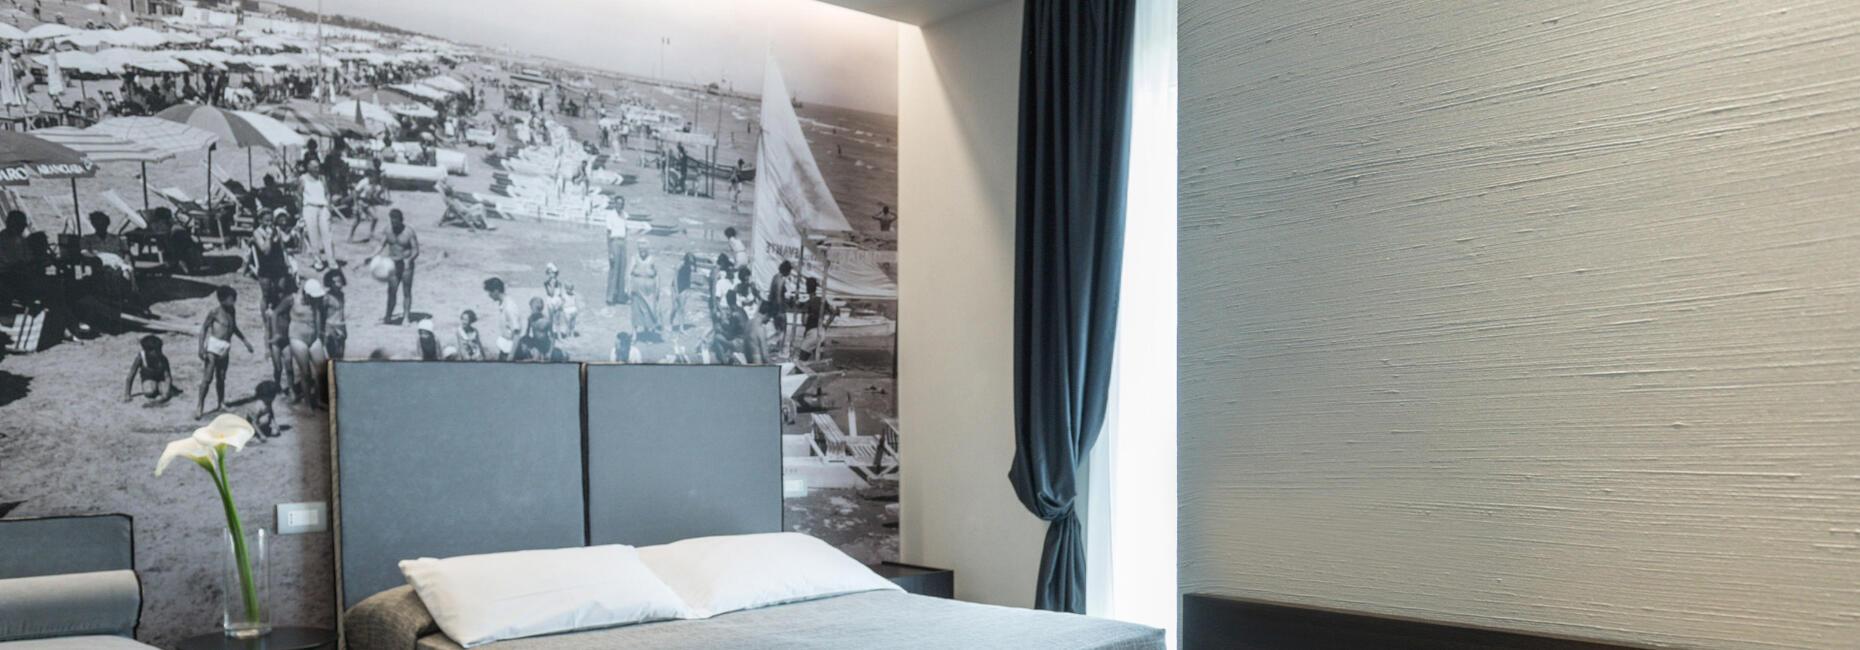 hotelcommodore en rooms-hotel-cervia 012